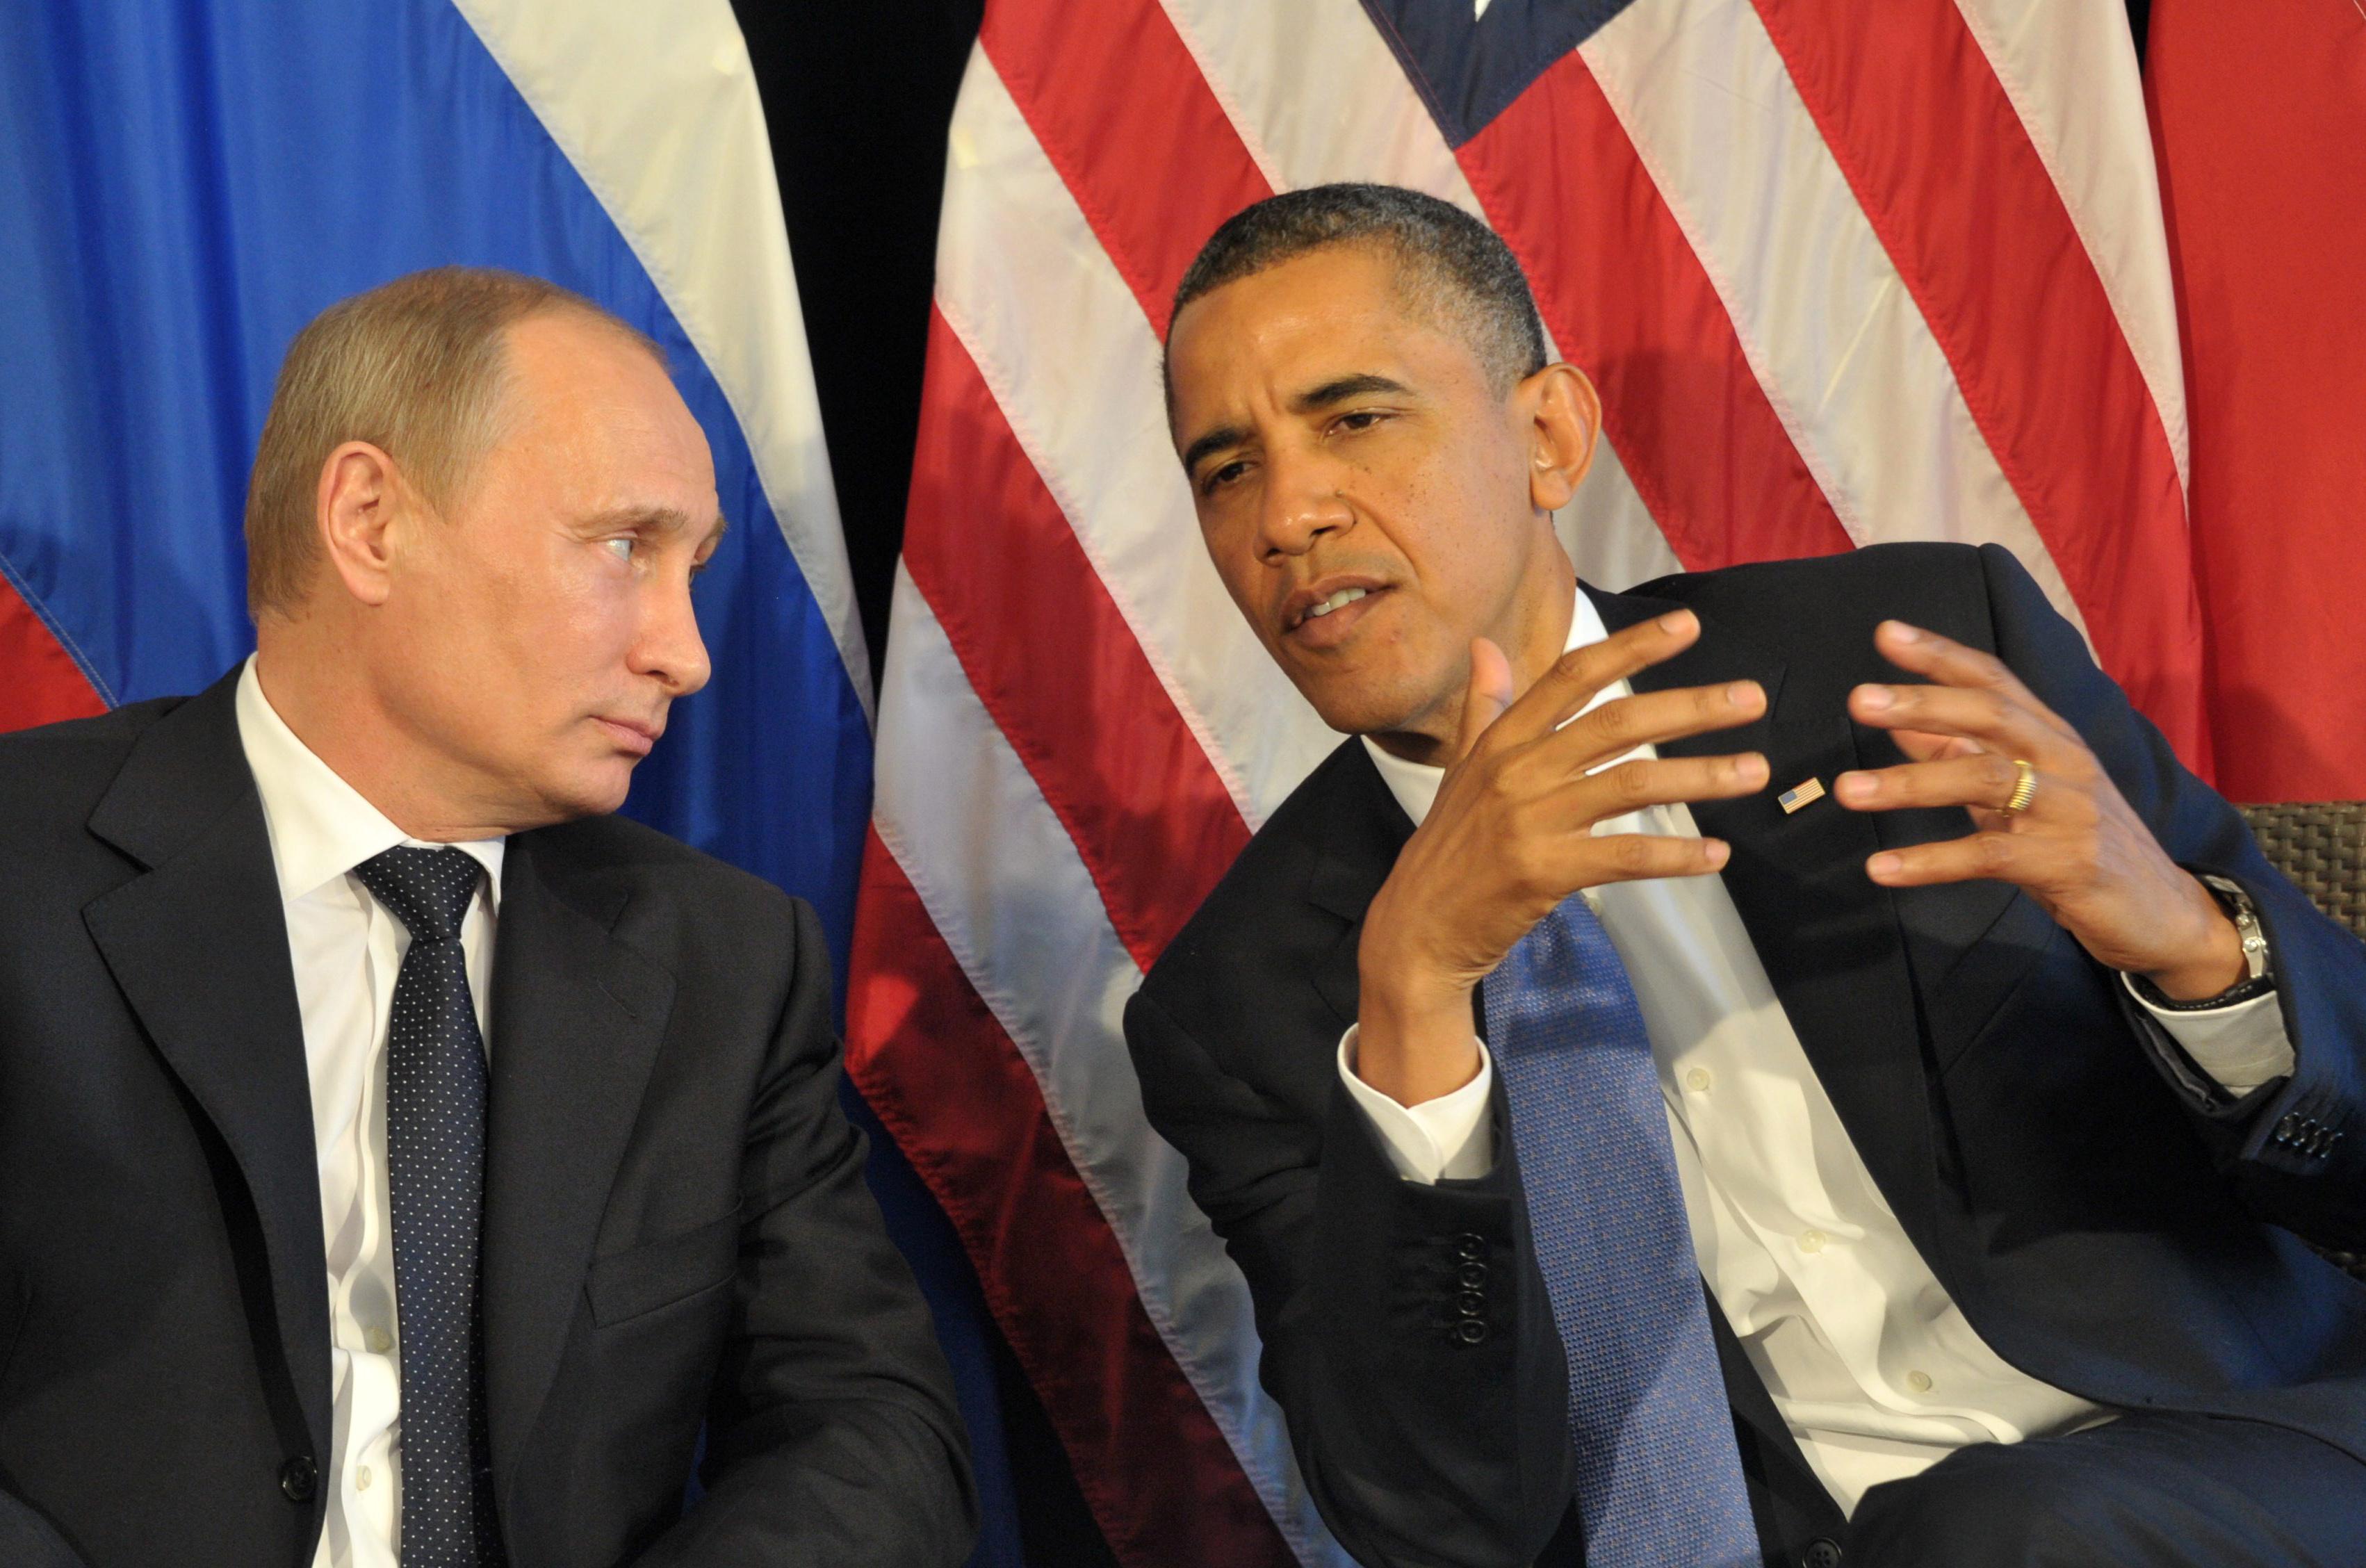 Ukraine The Russian Strongman Has 57